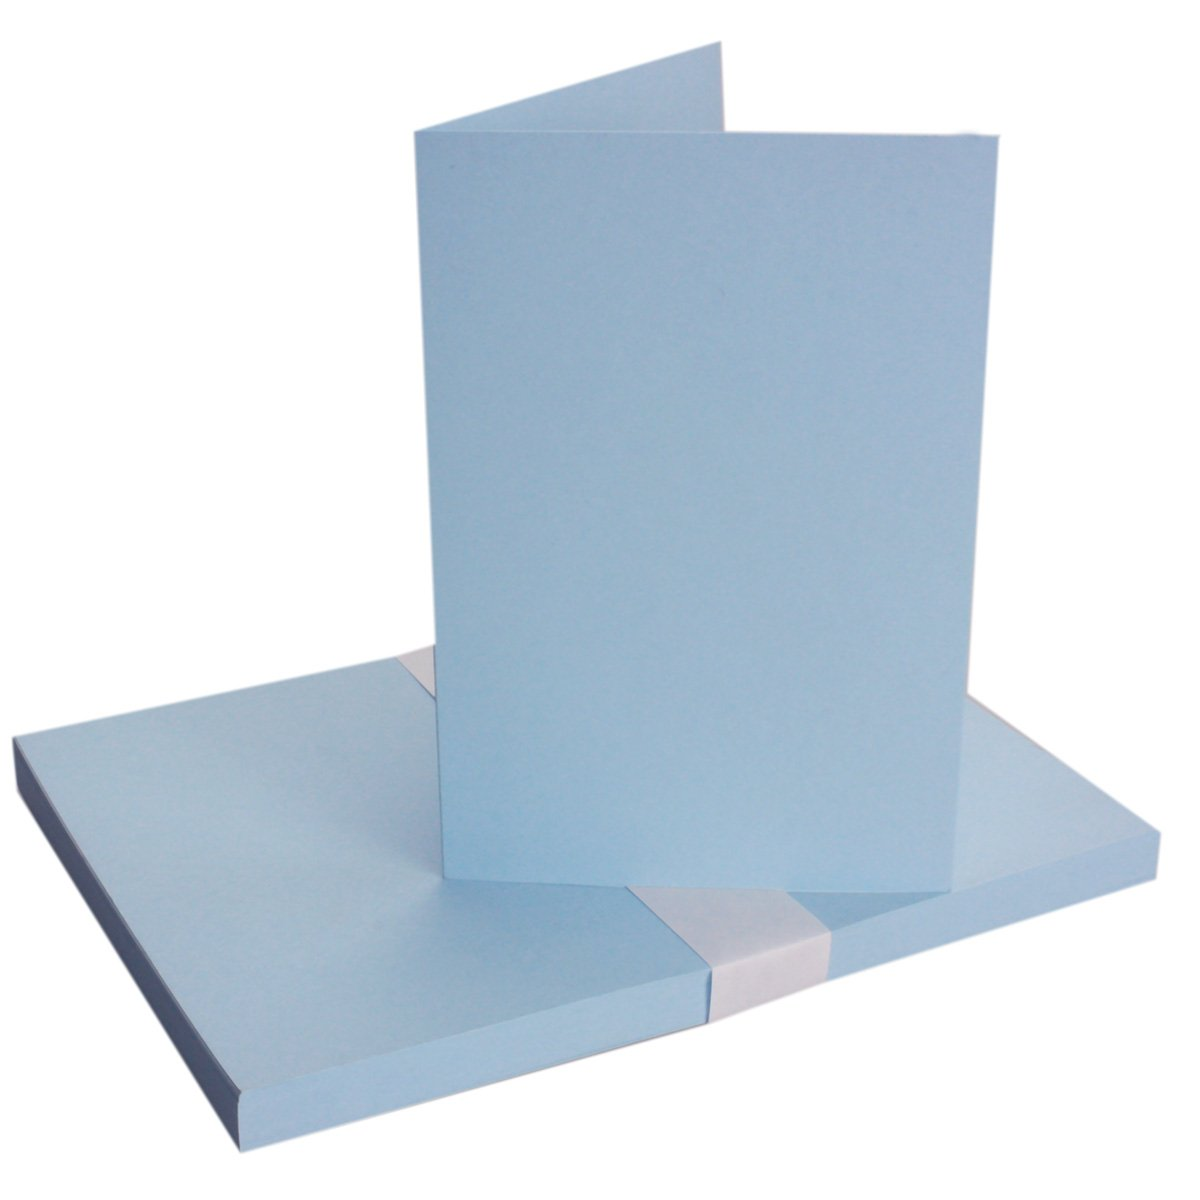 250x Falt-Karten DIN A6 Blanko Doppel-Karten in Hochweiß Kristallweiß -10,5 x 14,8 cm   Premium Qualität   FarbenFroh® B078W5CDHX | Niedriger Preis